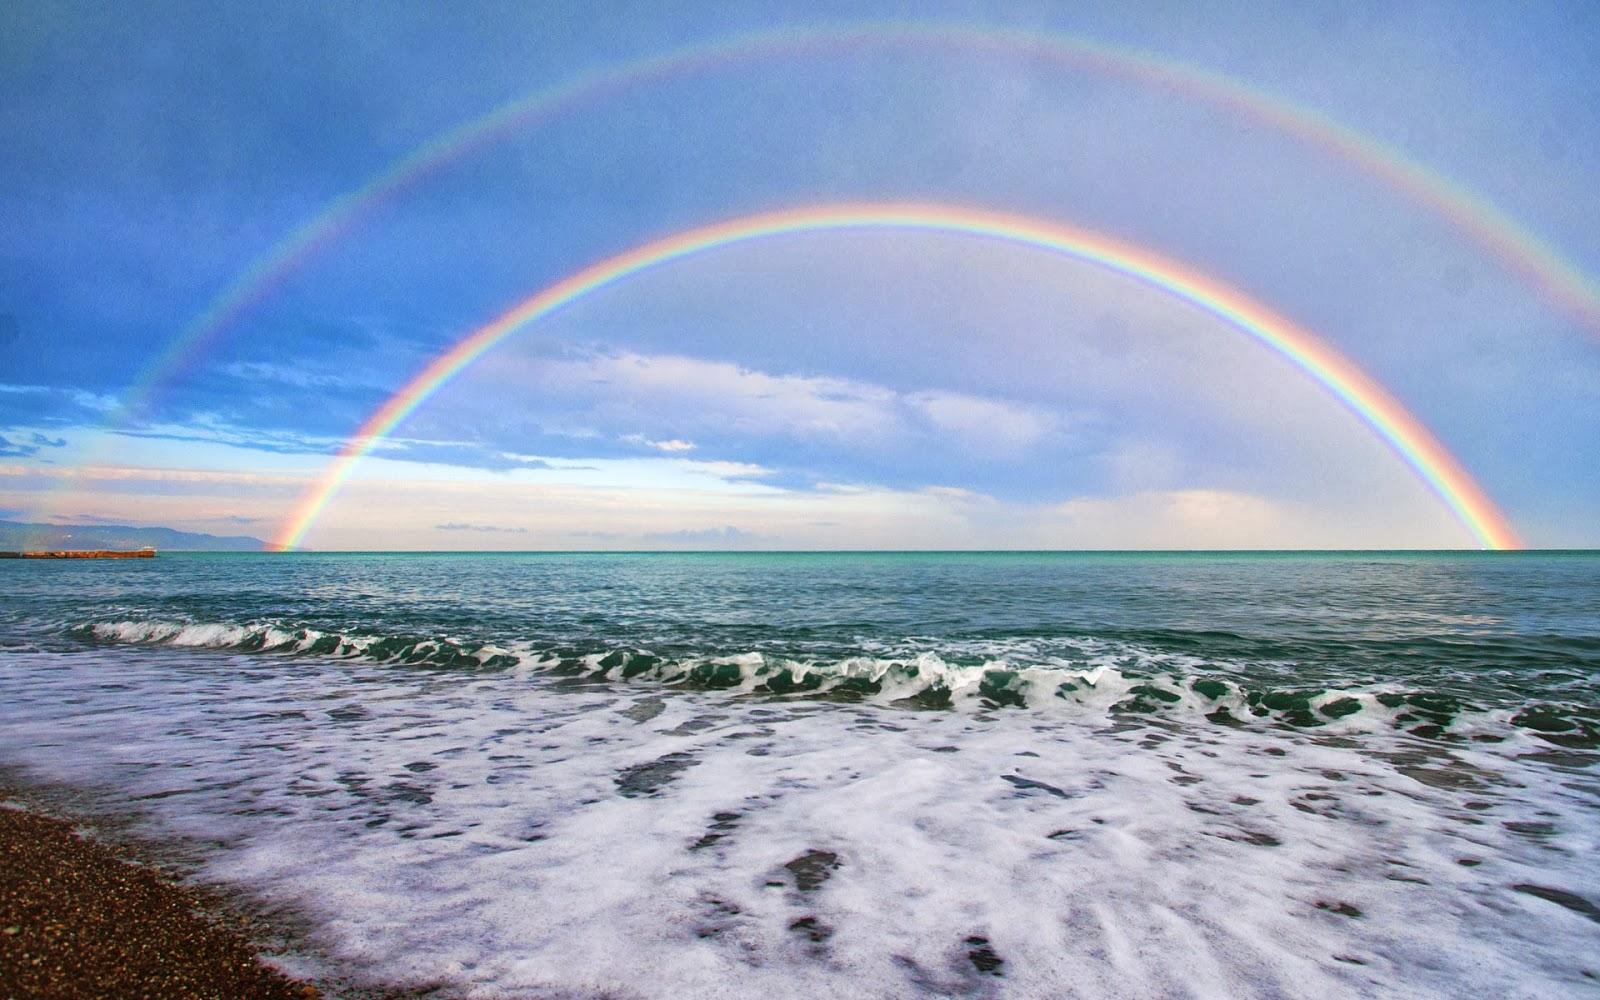 Foto dubbele regenboog boven zee : Bureaublad Achtergronden